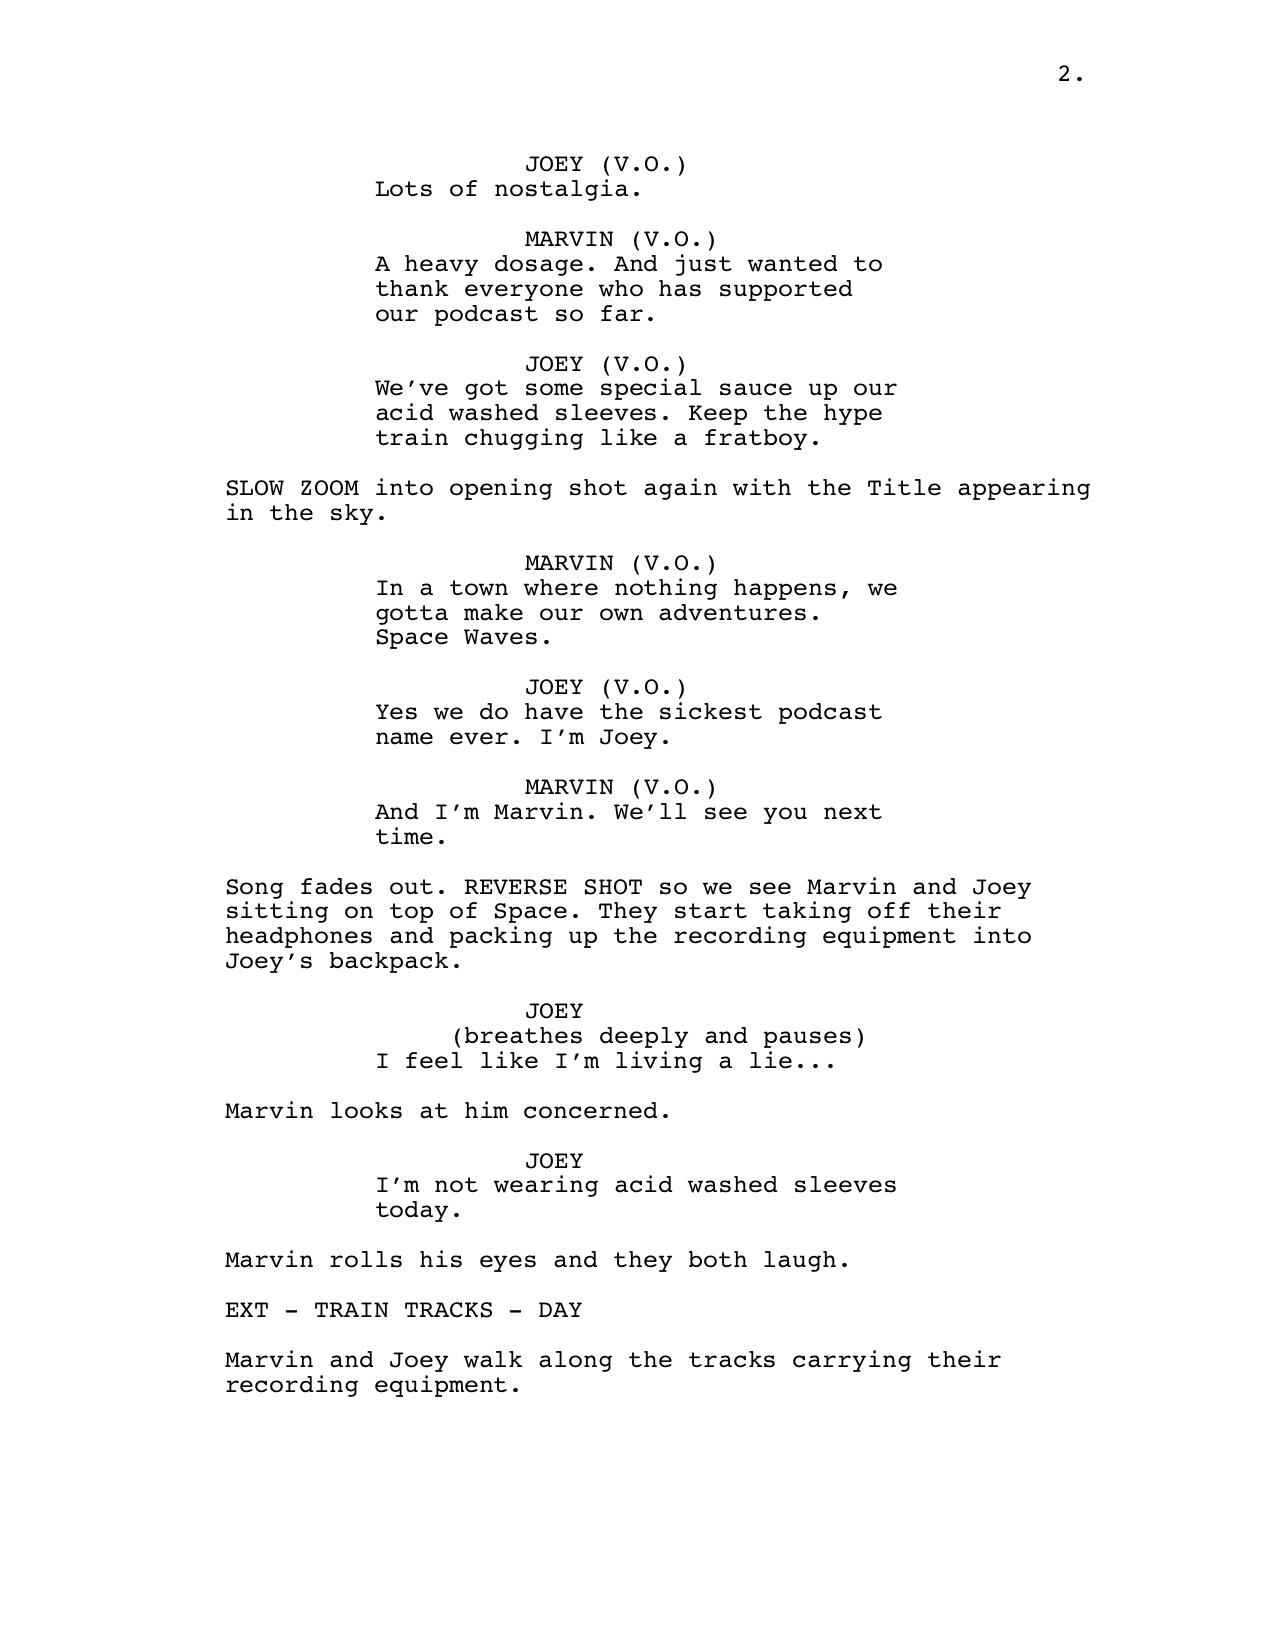 Space Waves Script Excerptp3.jpg